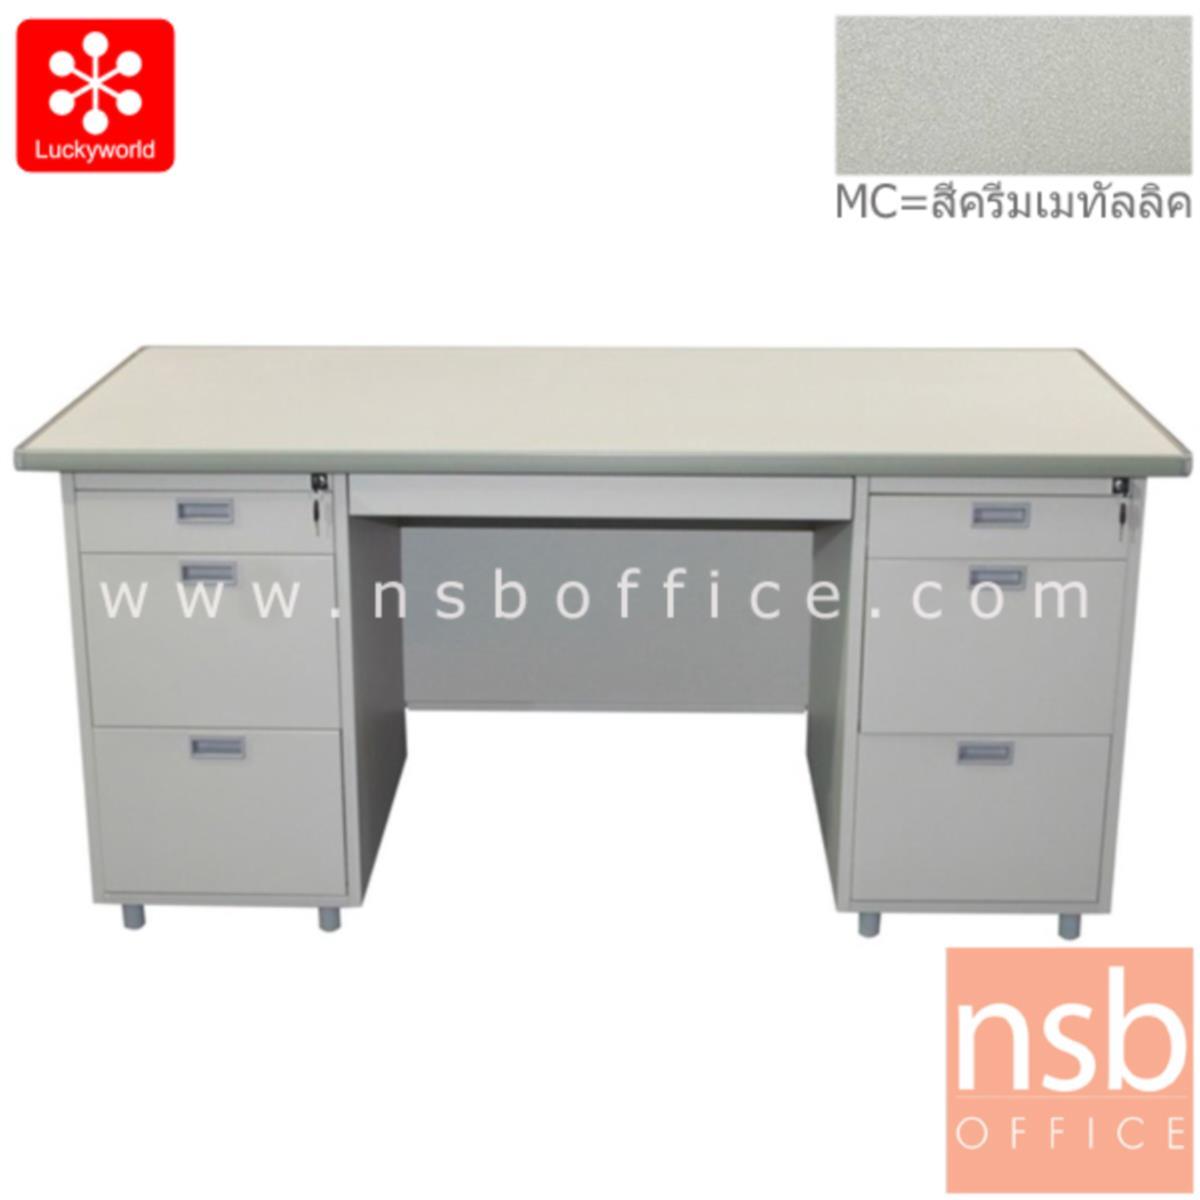 E31A039:โต๊ะทำงานหน้าเหล็ก 7 ลิ้นชัก รุ่น LUCKYWORLD- DX-52-33-MC ขนาด 159.5W*79.5D cm. สีครีมเมทัลลิค